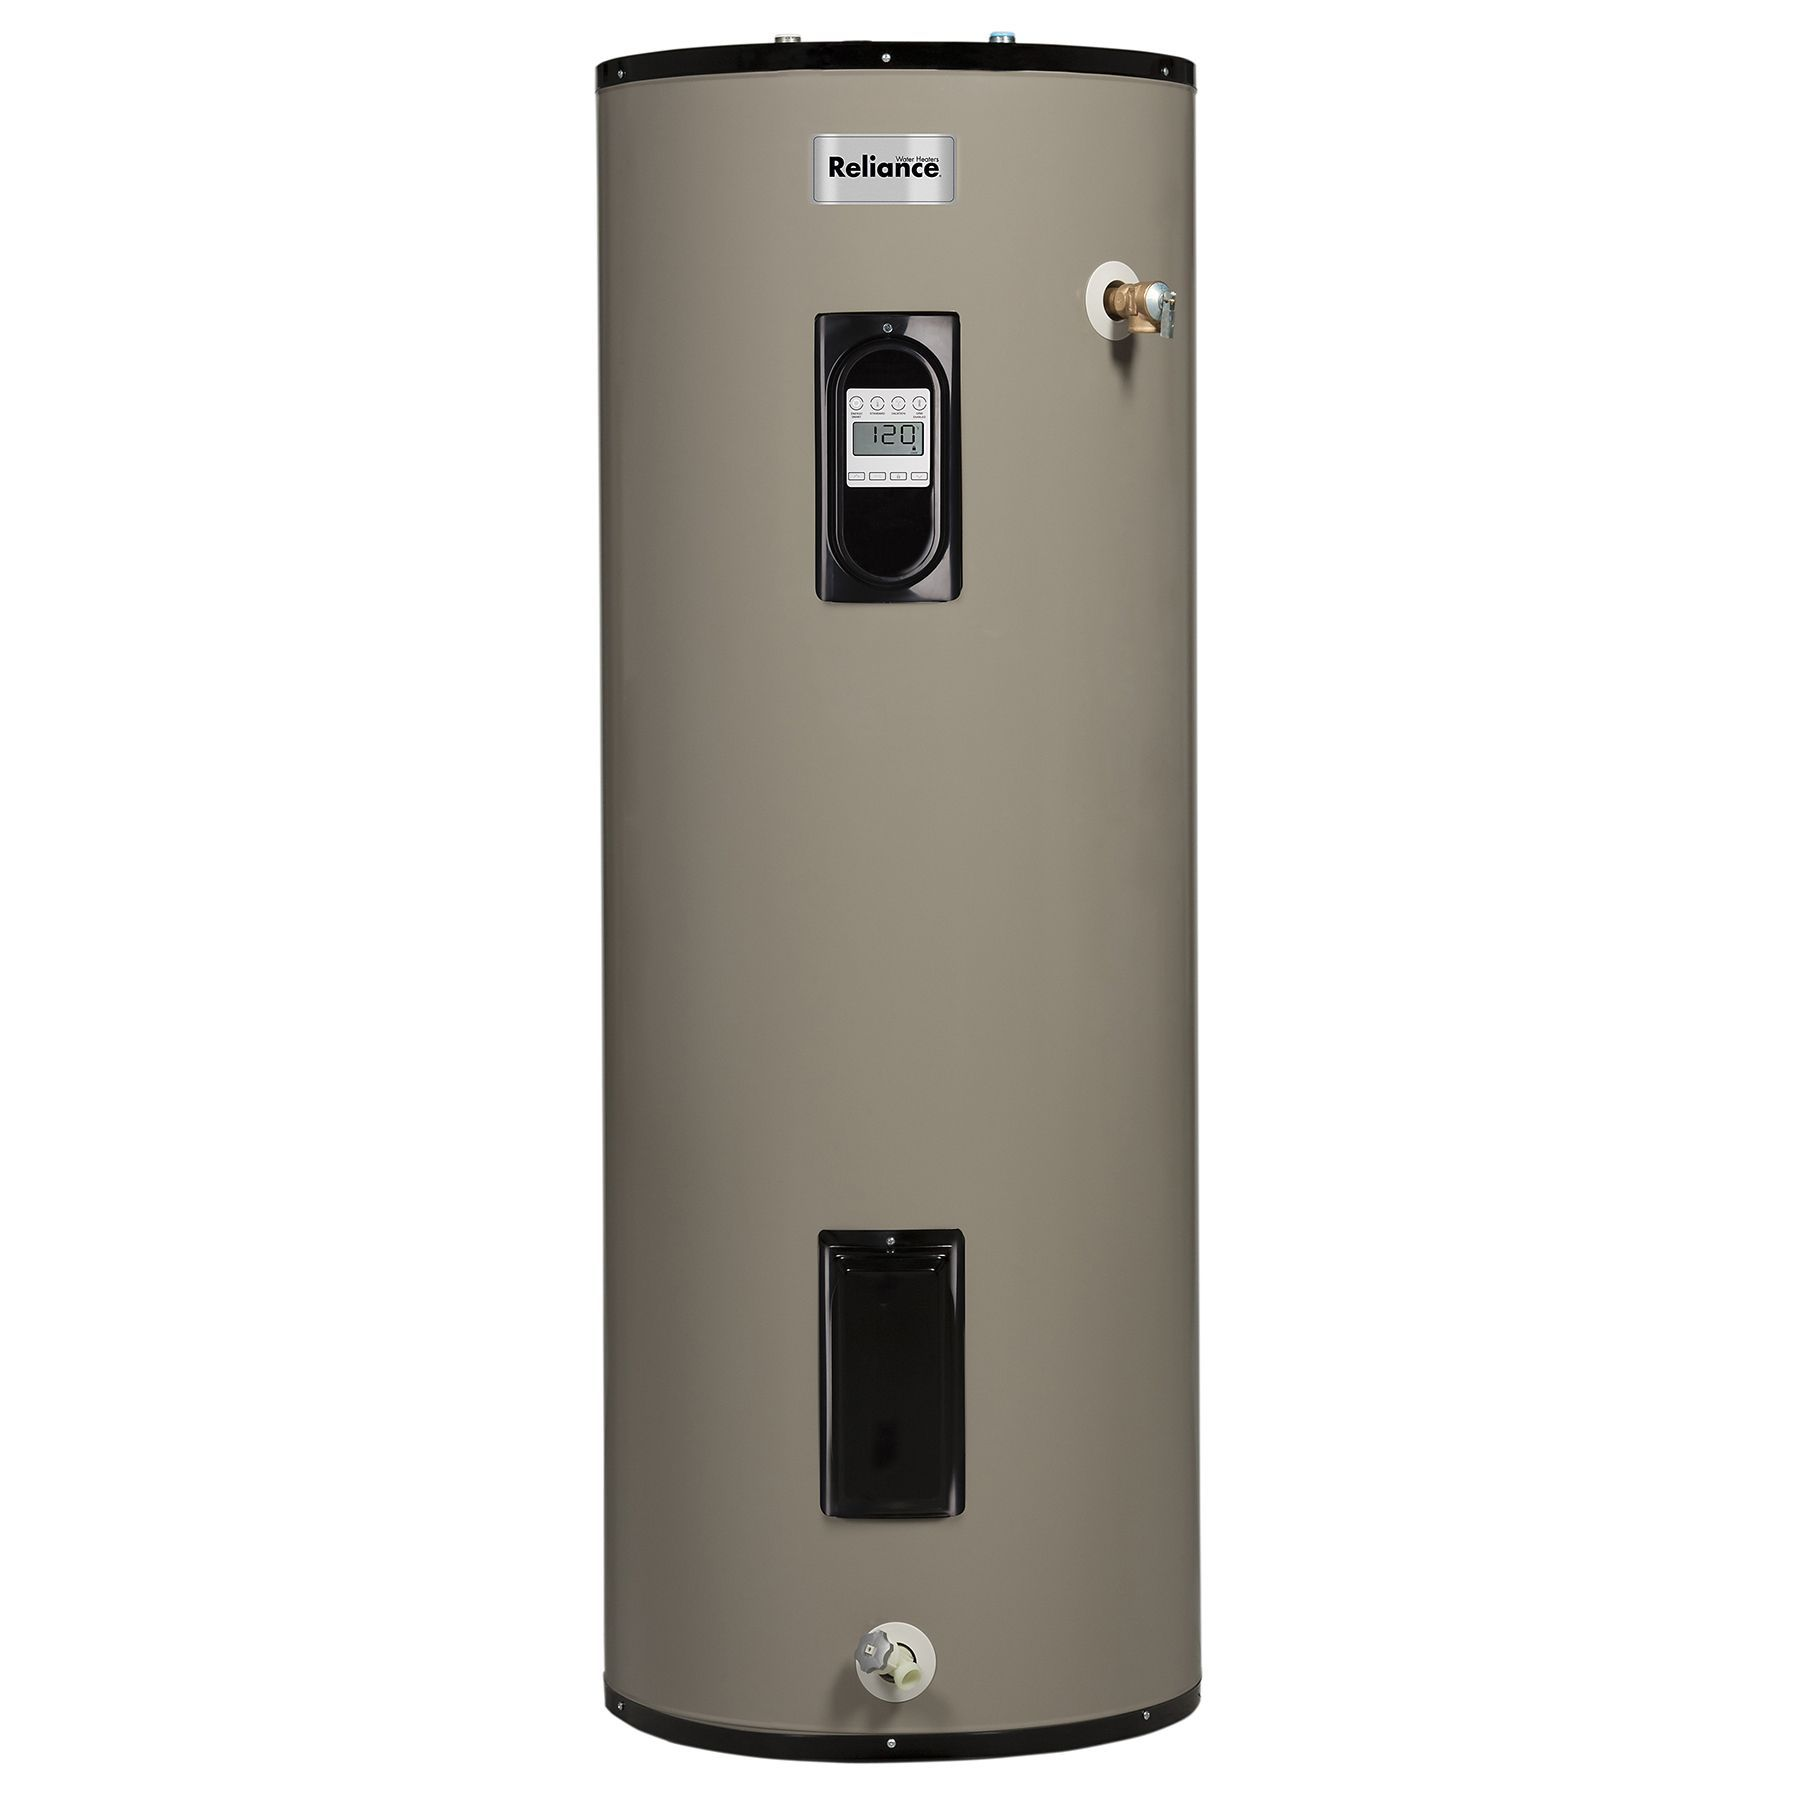 Jensen reliance eart gallon tall water heater wtr htr